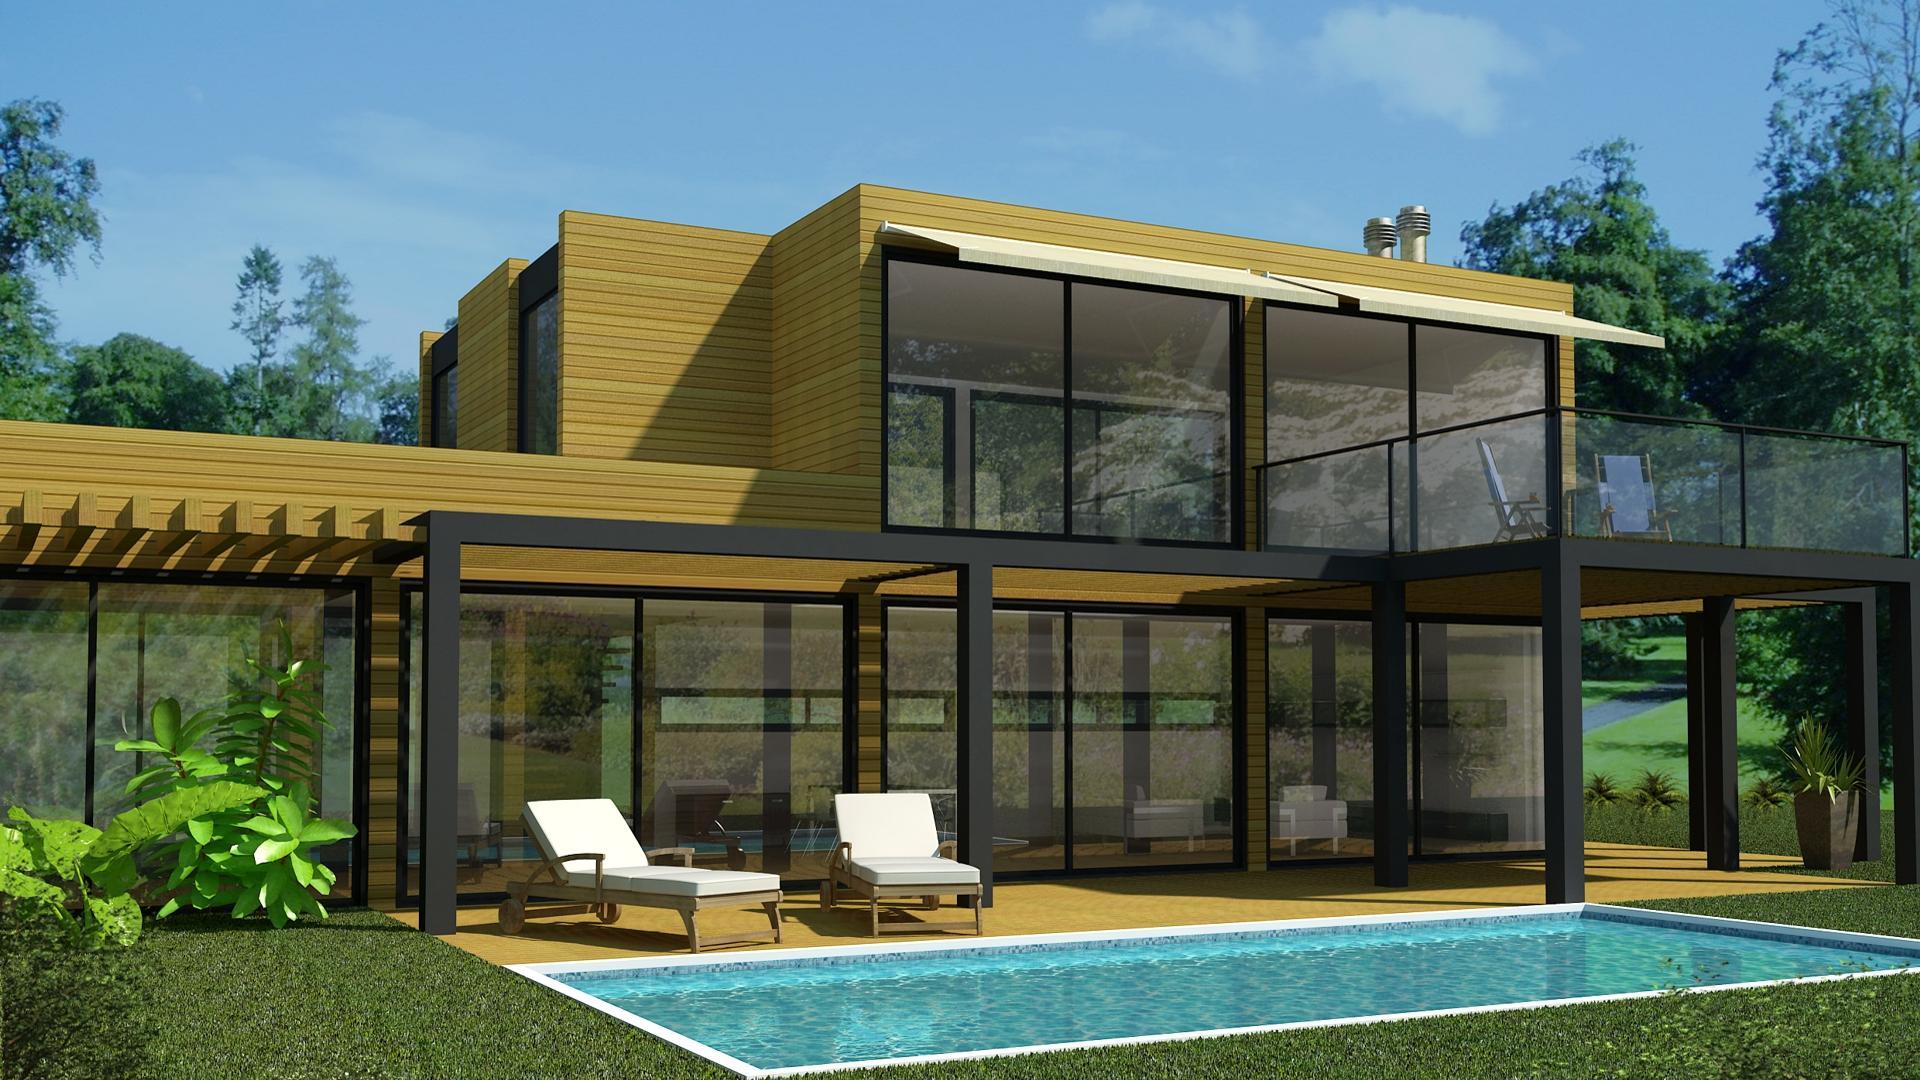 Projectos de arquitectura de casas modulares - Casas modulares contenedores ...